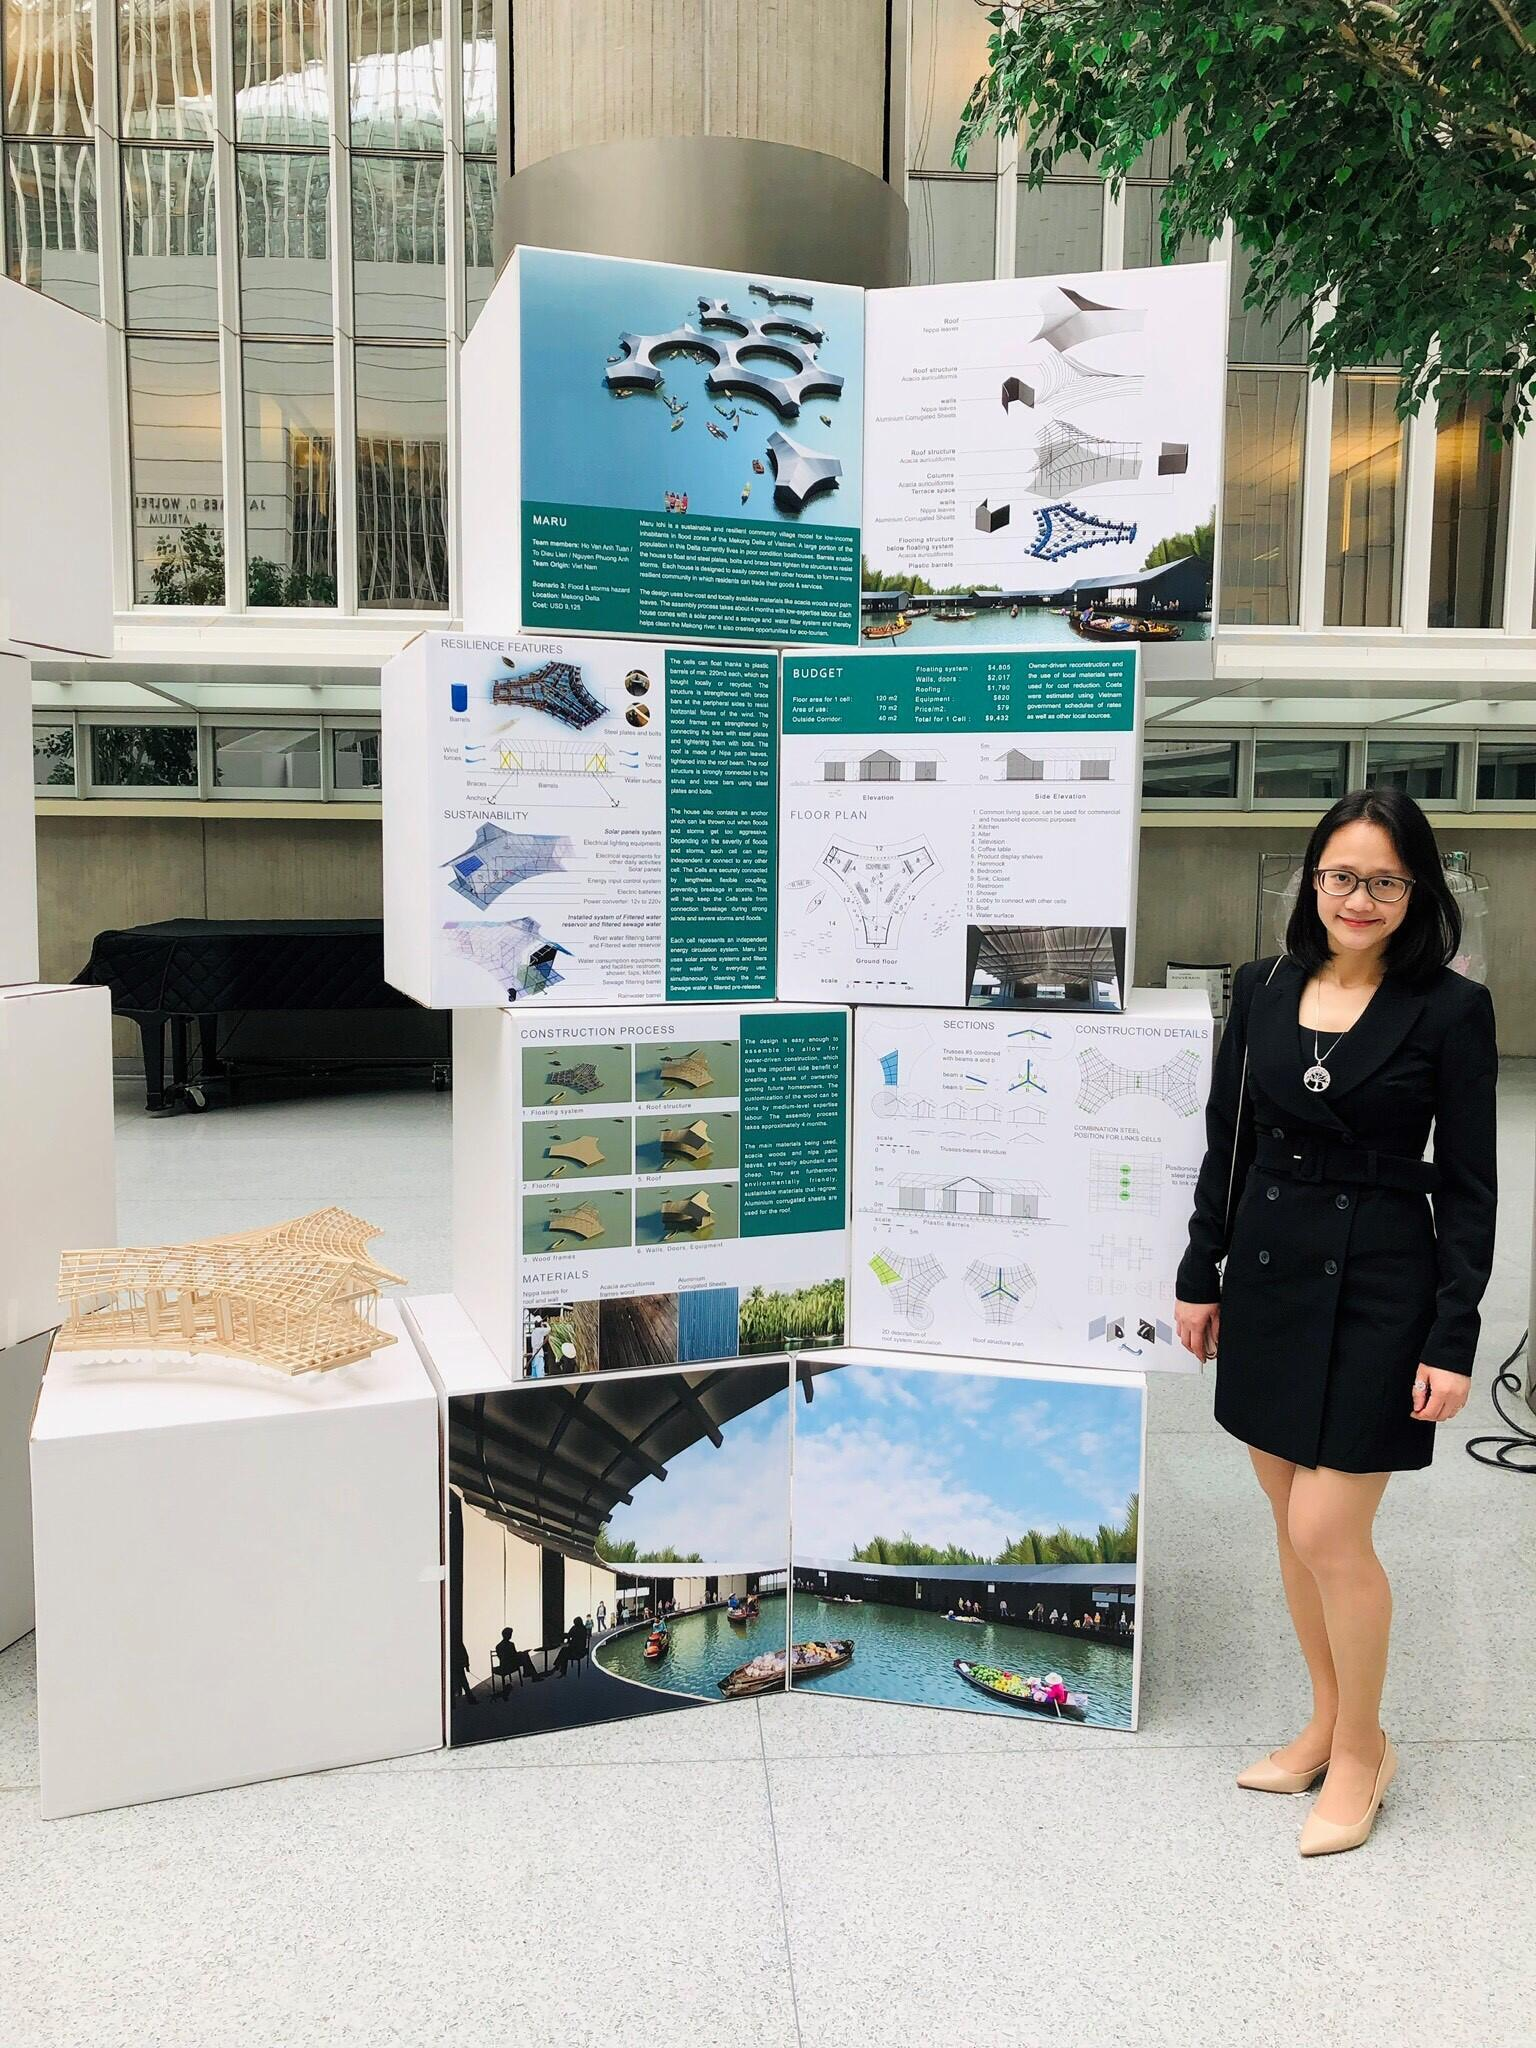 Tô Diệu Liên, đồng sáng lập nhóm Maru, bên cạnh dự án Maru Ichi được triển lãm cùng 11 dự án thắng cuộc khác của cuộc thi Resilient Homes Challenge, tại trụ sở của Ngân Hàng Thế Giới (World Bank), Washington DC, Mỹ.